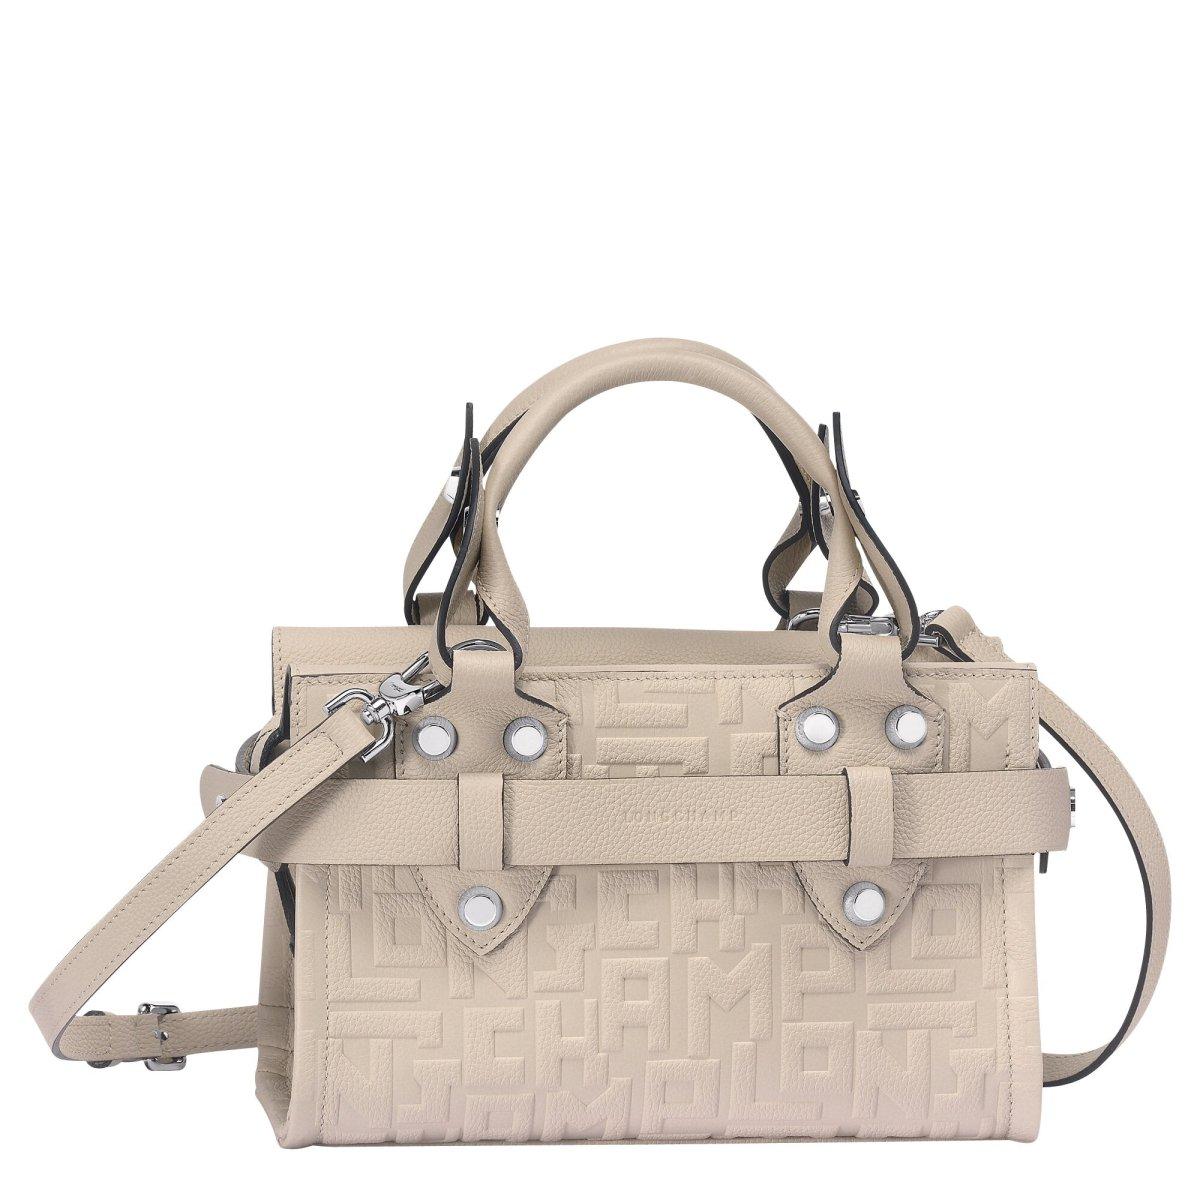 LGP壓紋真皮手袋 HK$7,900